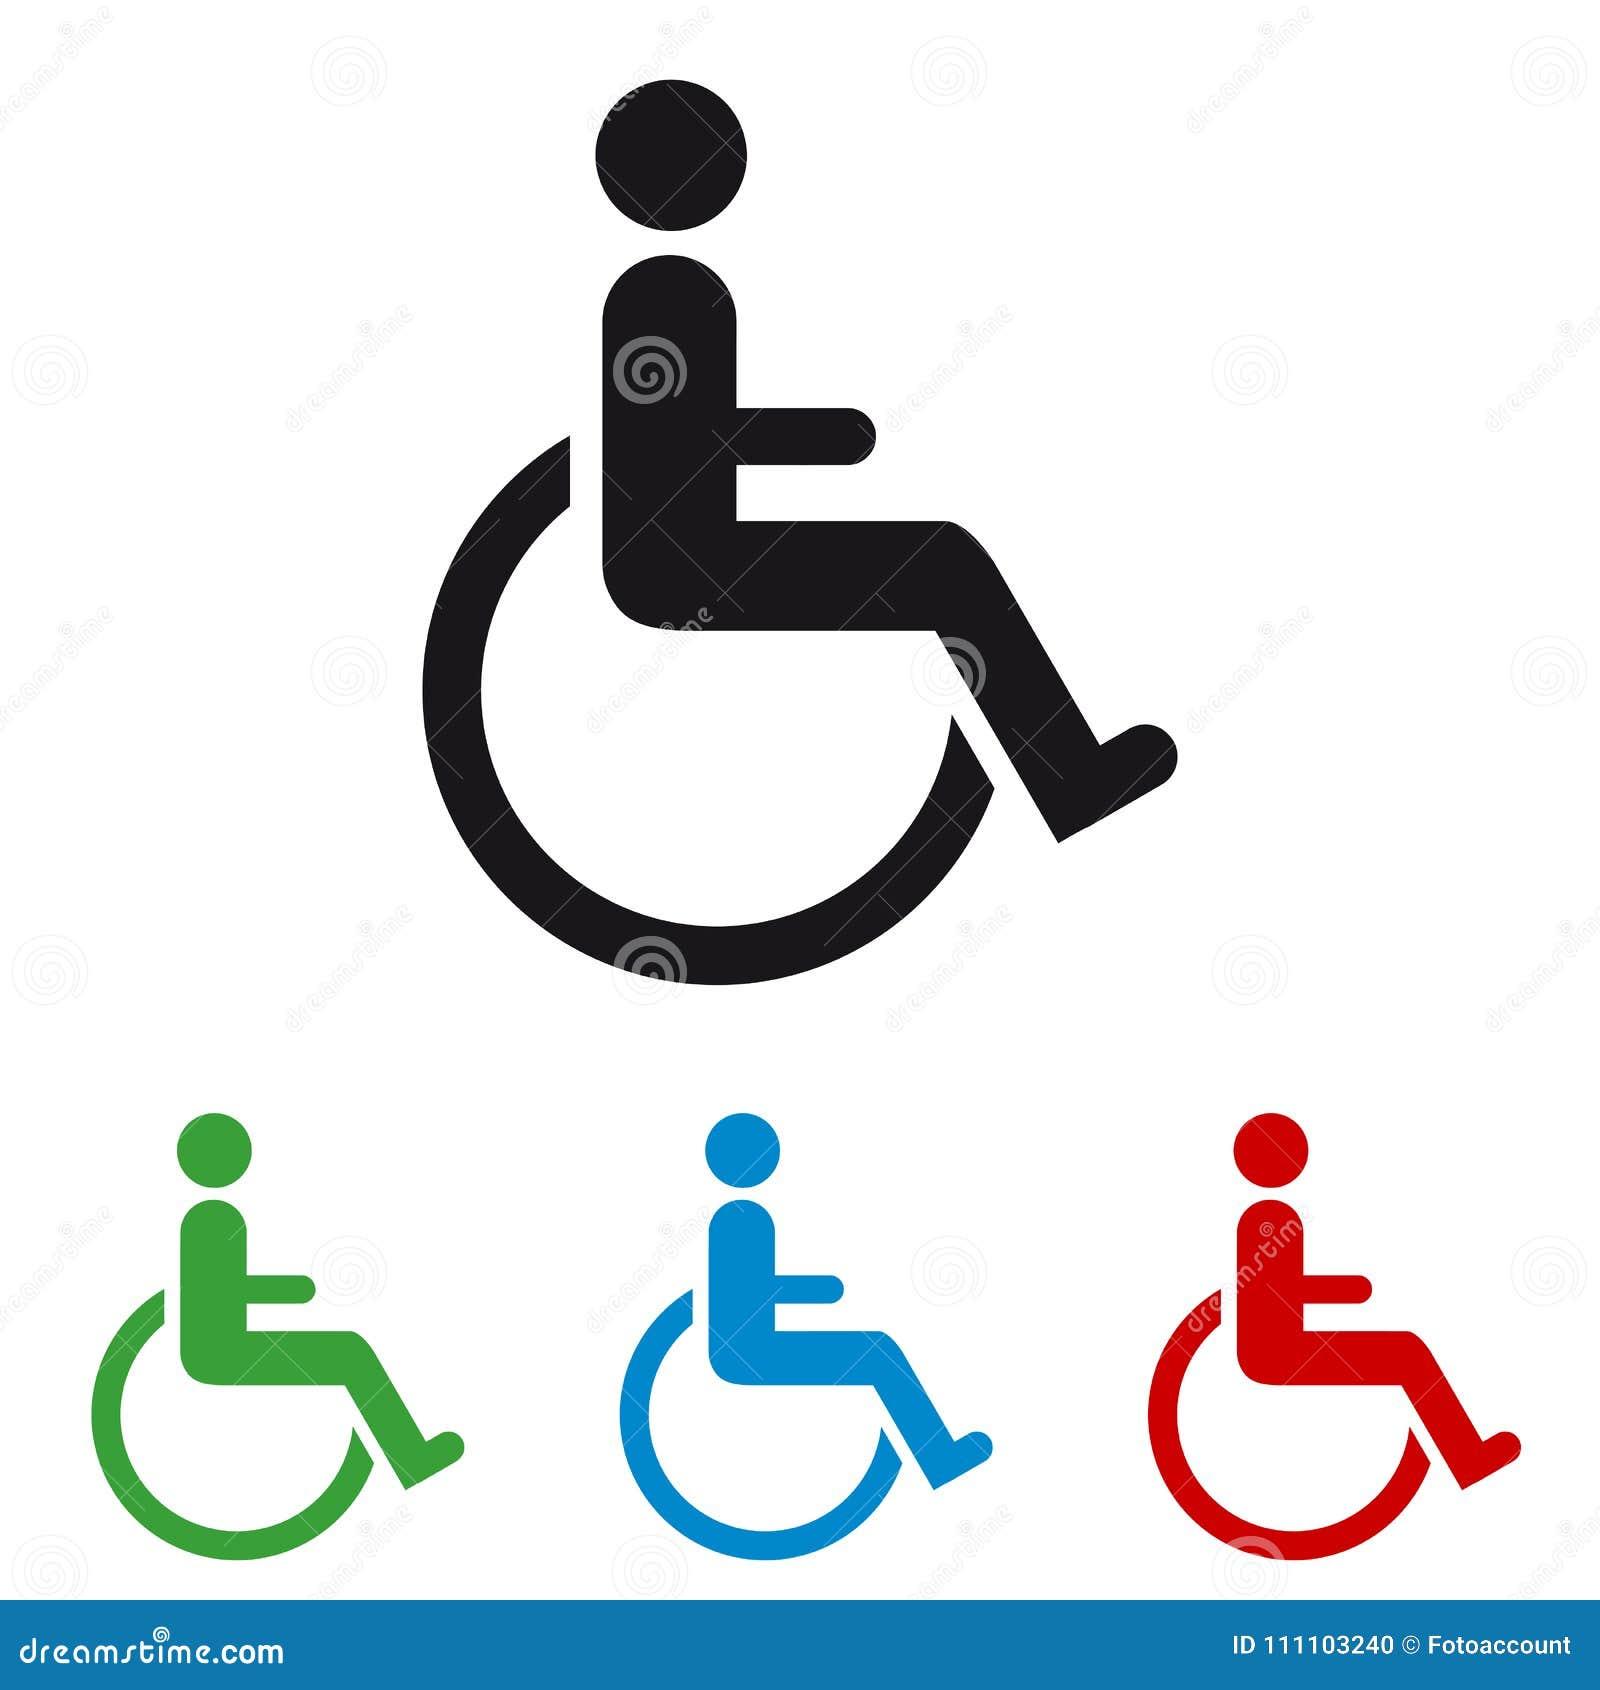 Sedia a rotelle - icone Colourful di vettore - isolata su bianco